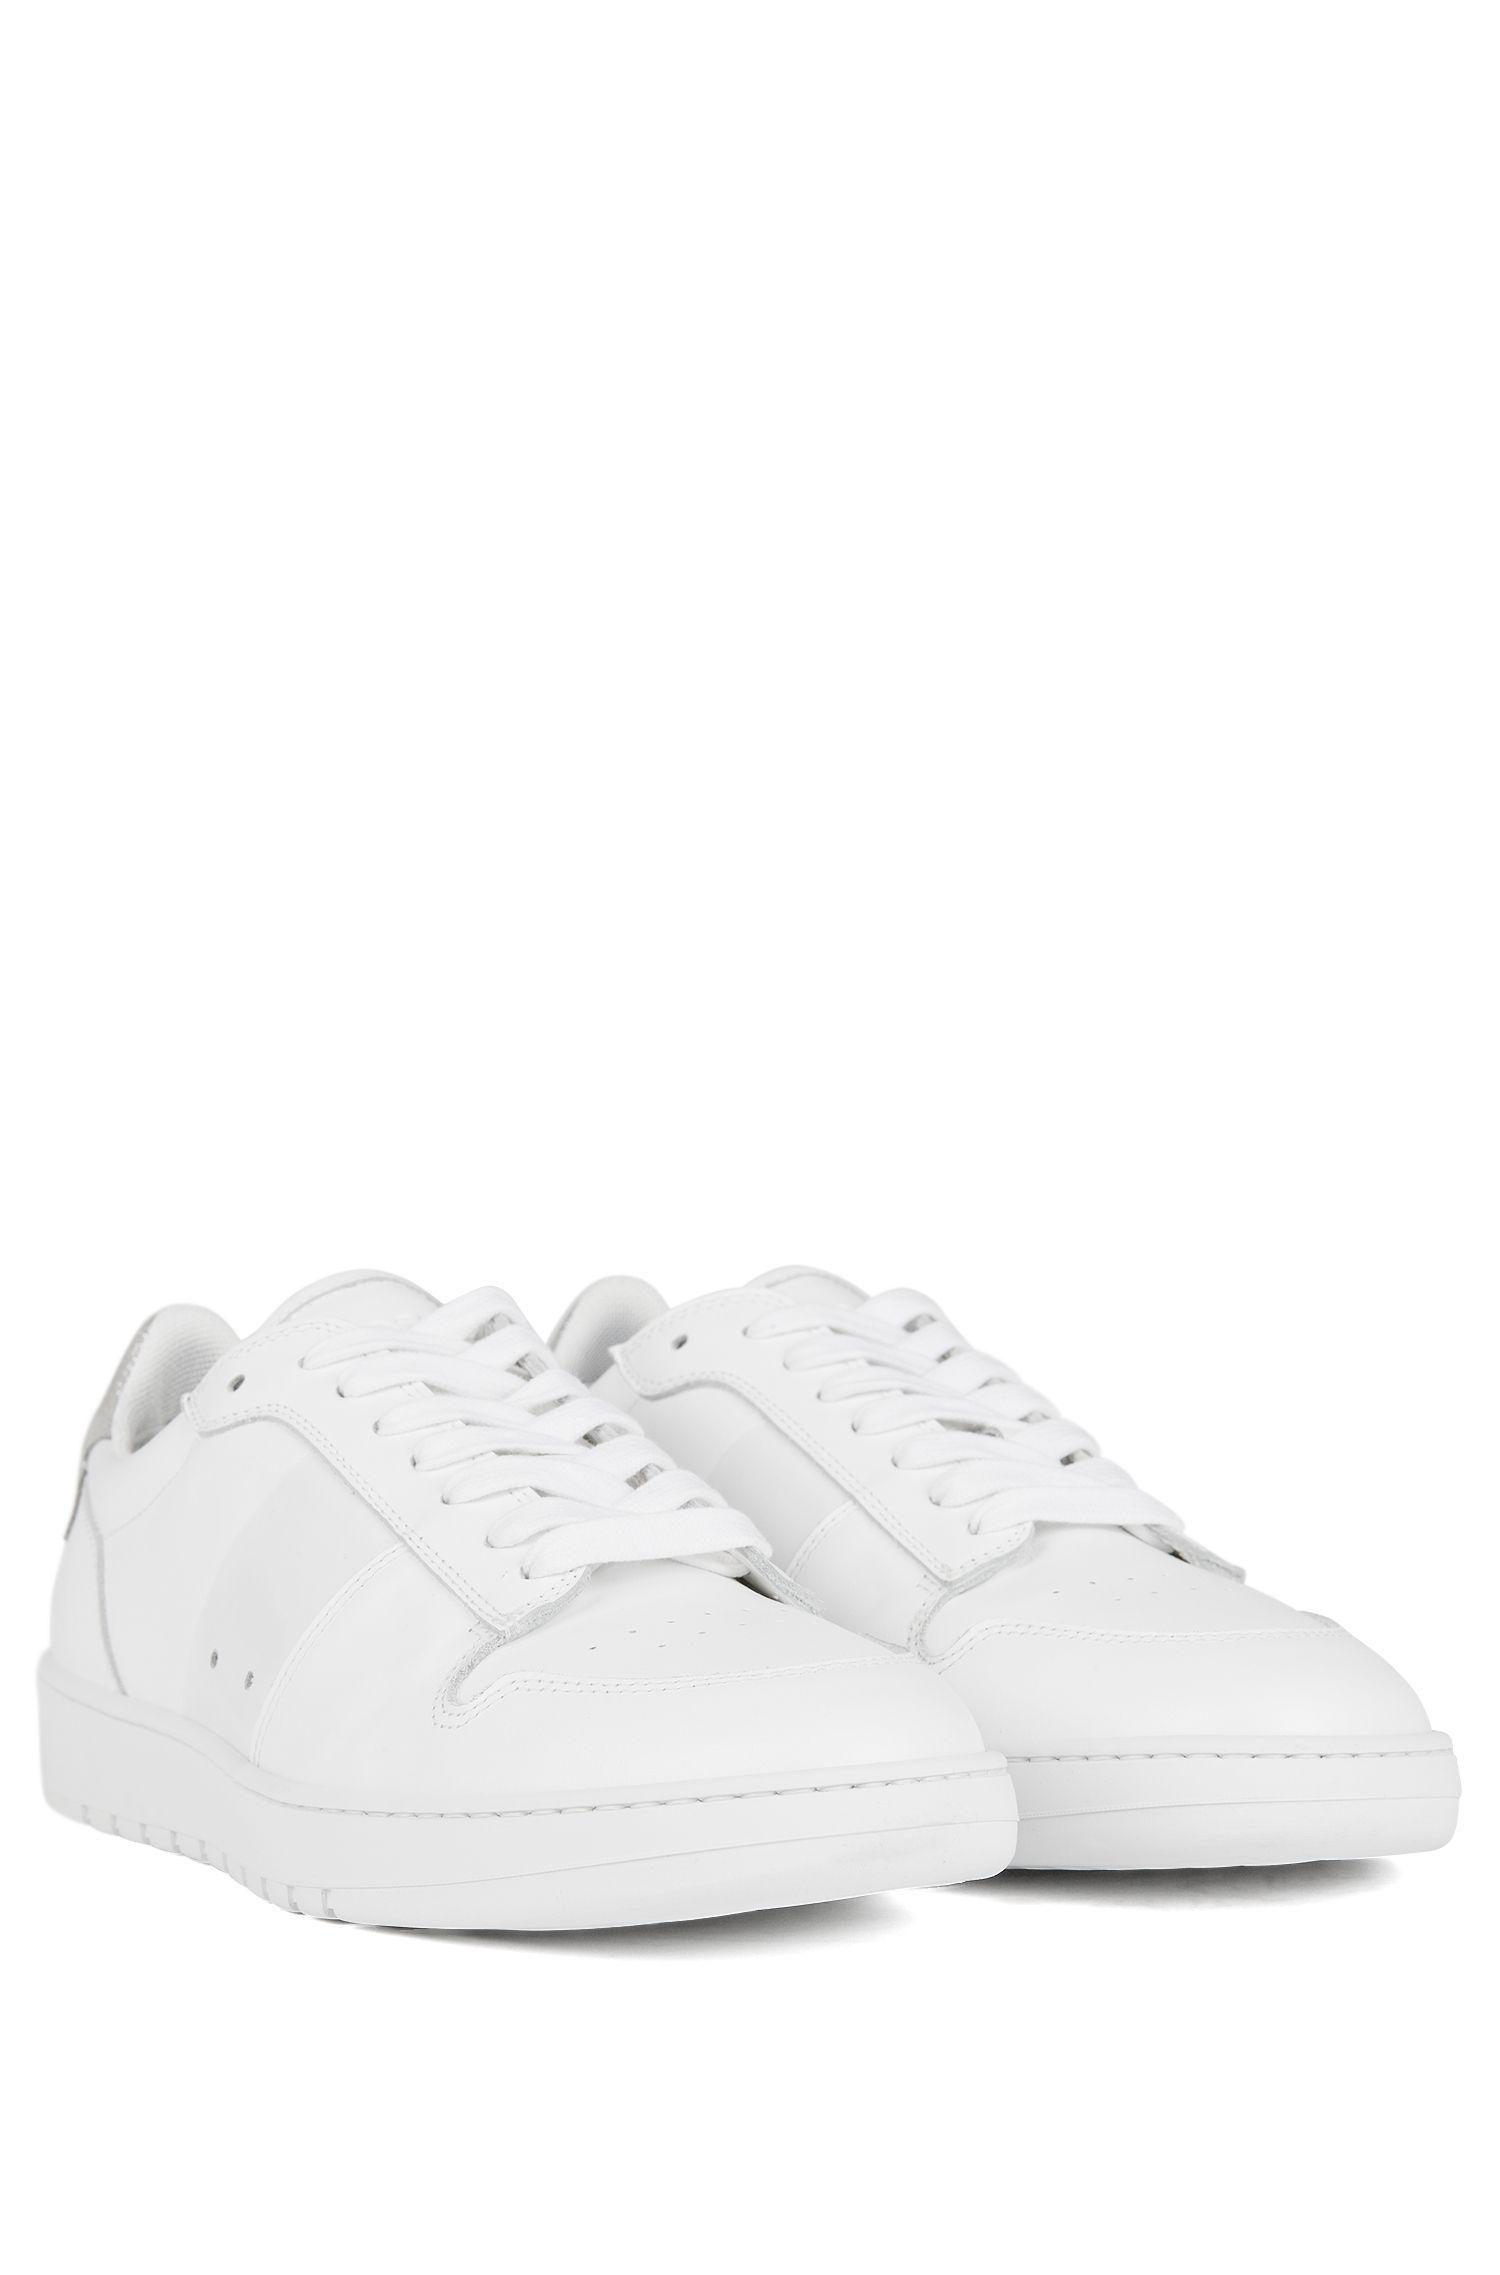 Sneakers low-top in pelle di vitello con dettagli traforati, Bianco